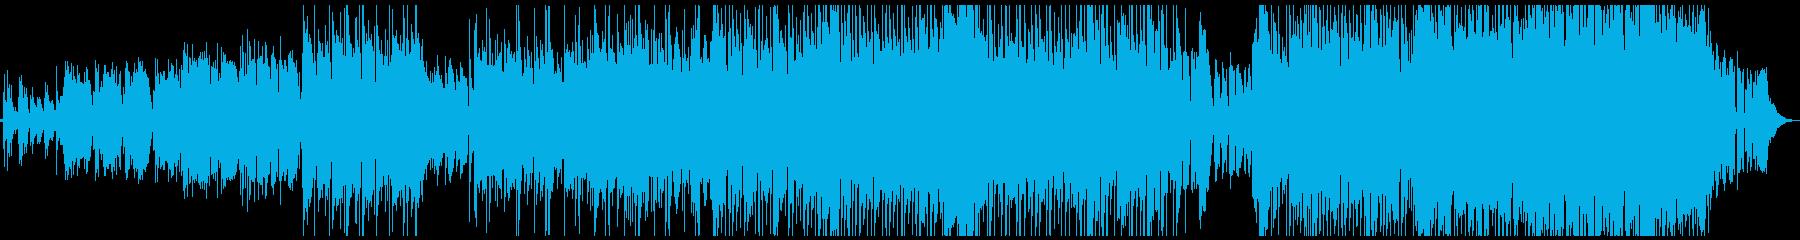 生演奏が魅力のロックバラードの再生済みの波形